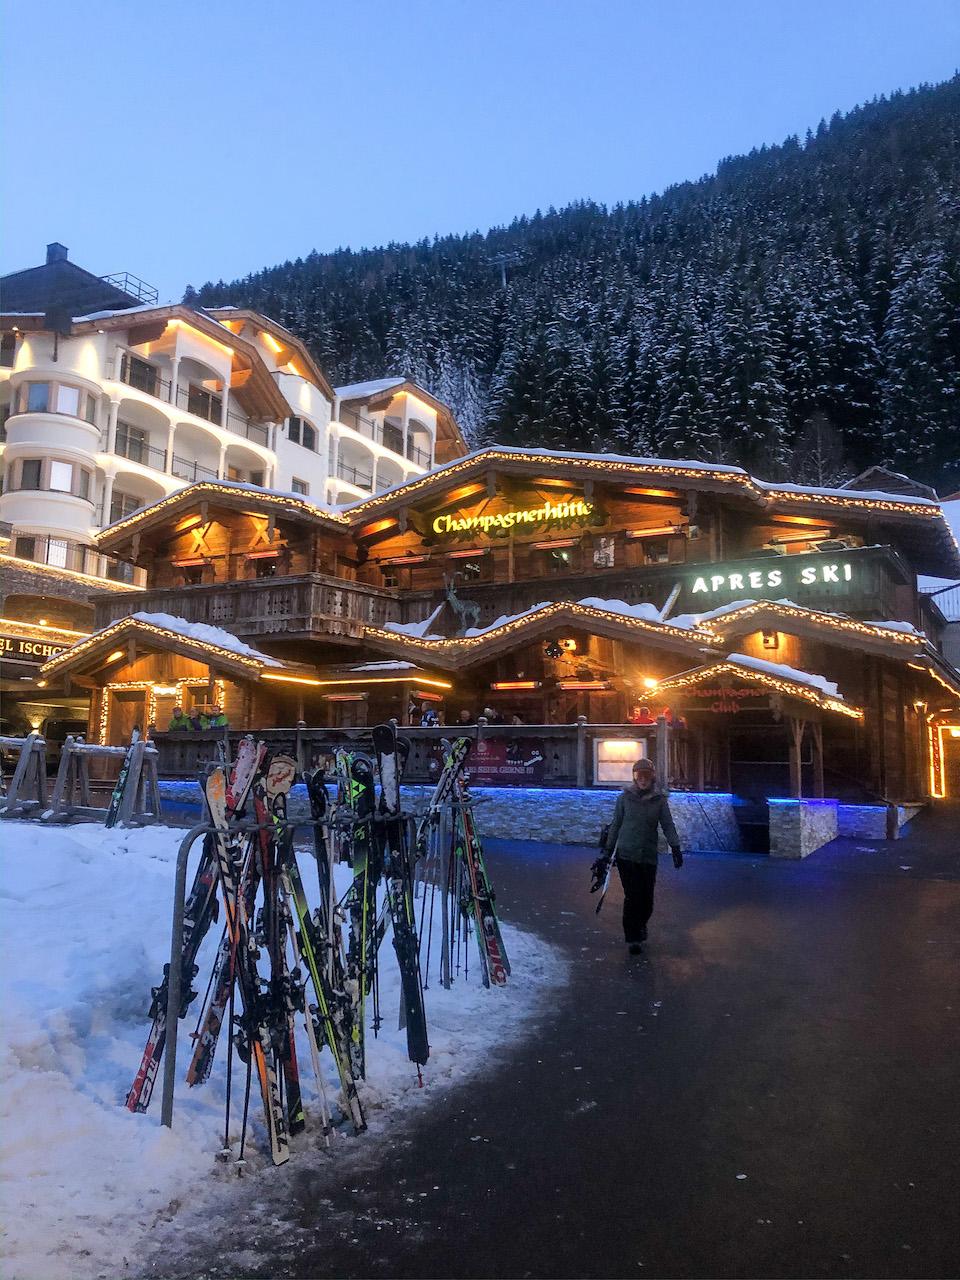 skien in Ischgl - wintersport - Après-ski en clubs inIschgl, Champagnerhütte